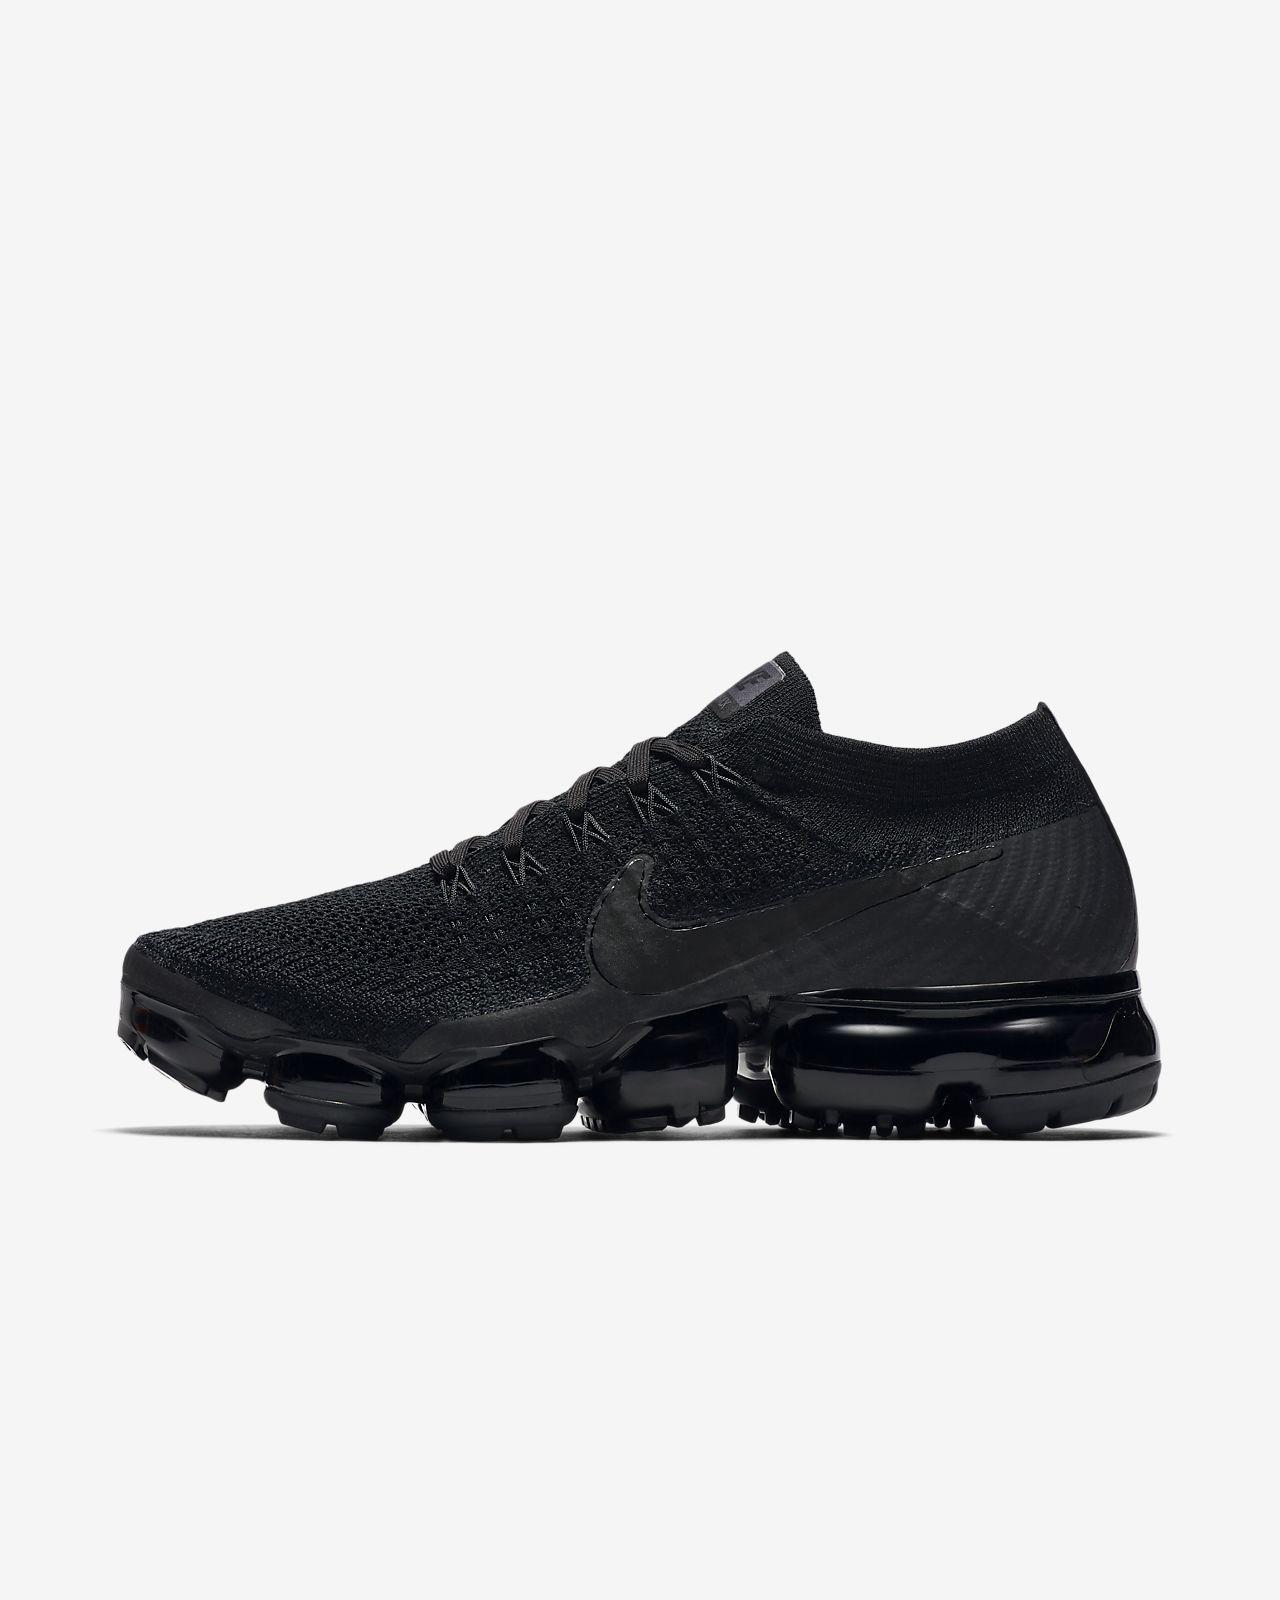 ef4bf90a845c ... Chaussure de running Nike Air VaporMax Flyknit « Triple Noir » pour  Femme